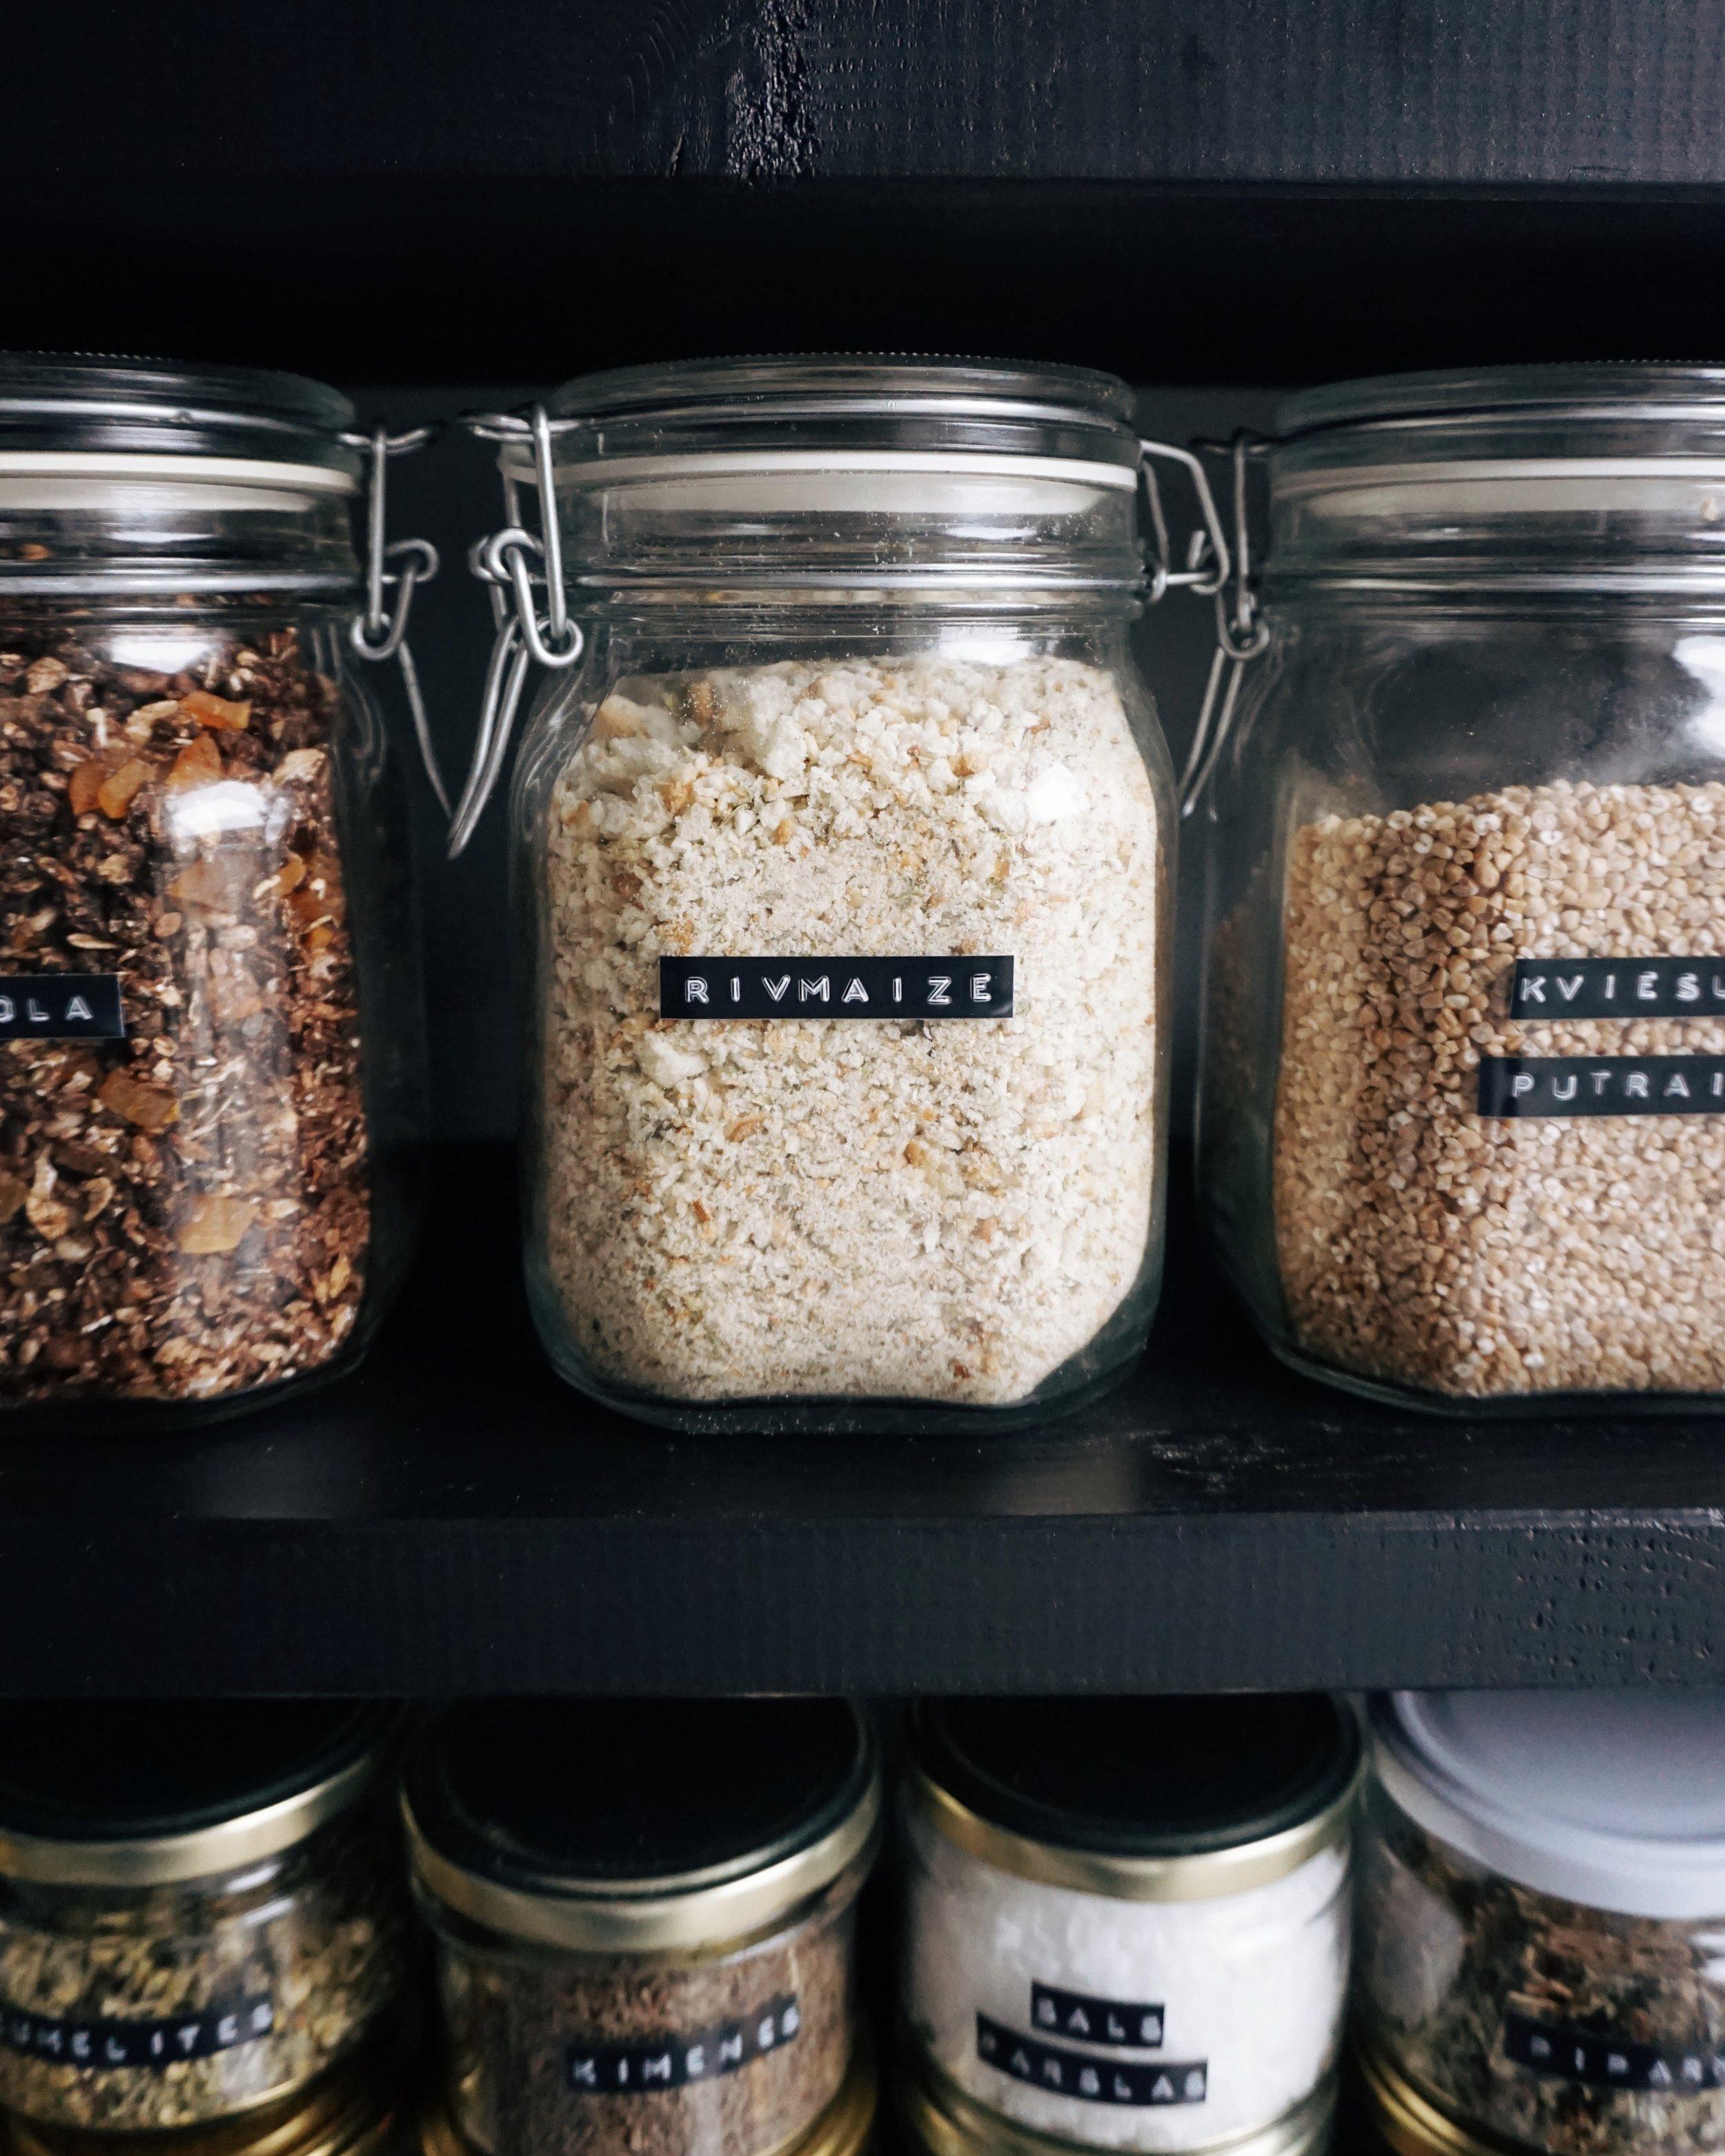 mājās gatavota rīvmaize ar garšaugiem - kā pašiem pagatavot patiešām garšīgu rīvmaizi? te būs recepte.